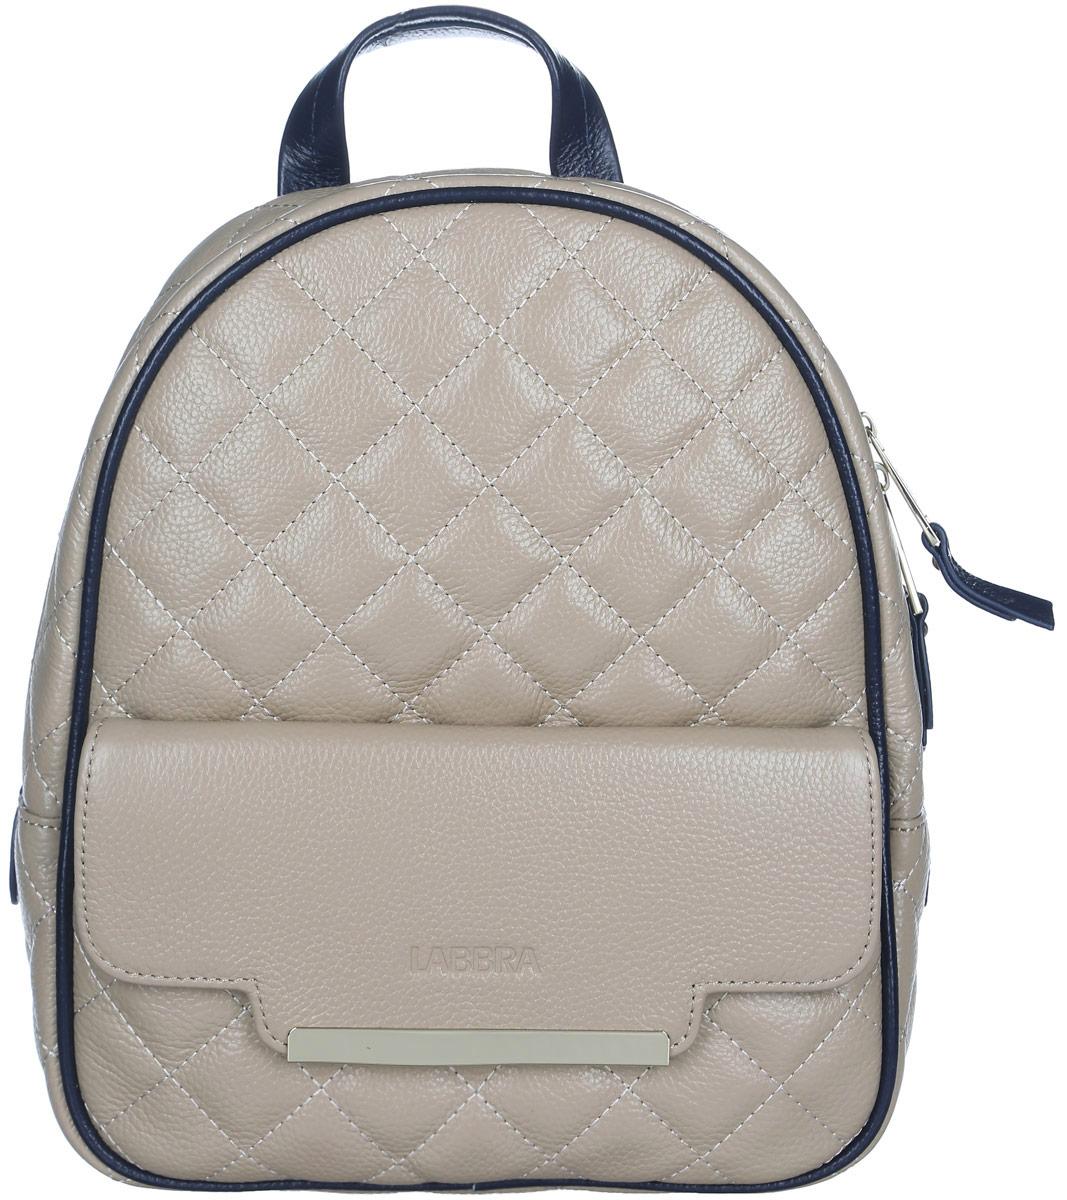 Рюкзак женский Labbra, цвет: темно-бежевый. L-9915-3L-9915-3Стильный женский рюкзак Labbra, выполненный из натуральной кожи с зернистой фактурой, оформлен тиснением в виде логотипа бренда и декоративной строчкой. Изделие содержит одно основное отделение, закрывающееся на застежку-молнию. Внутри расположены два накладных кармана для мелочей и врезной карман на застежке-молнии. Снаружи, на передней стенке находится накладной карман, закрывающийся клапаном на магнит. Задняя сторона изделия дополнена потайным карманом на застежке- молнии. Рюкзак оснащен удобными лямками регулируемой длины и петлей для подвешивания. Практичный и стильный аксессуар позволит вам завершить свой образ и быть неотразимой.